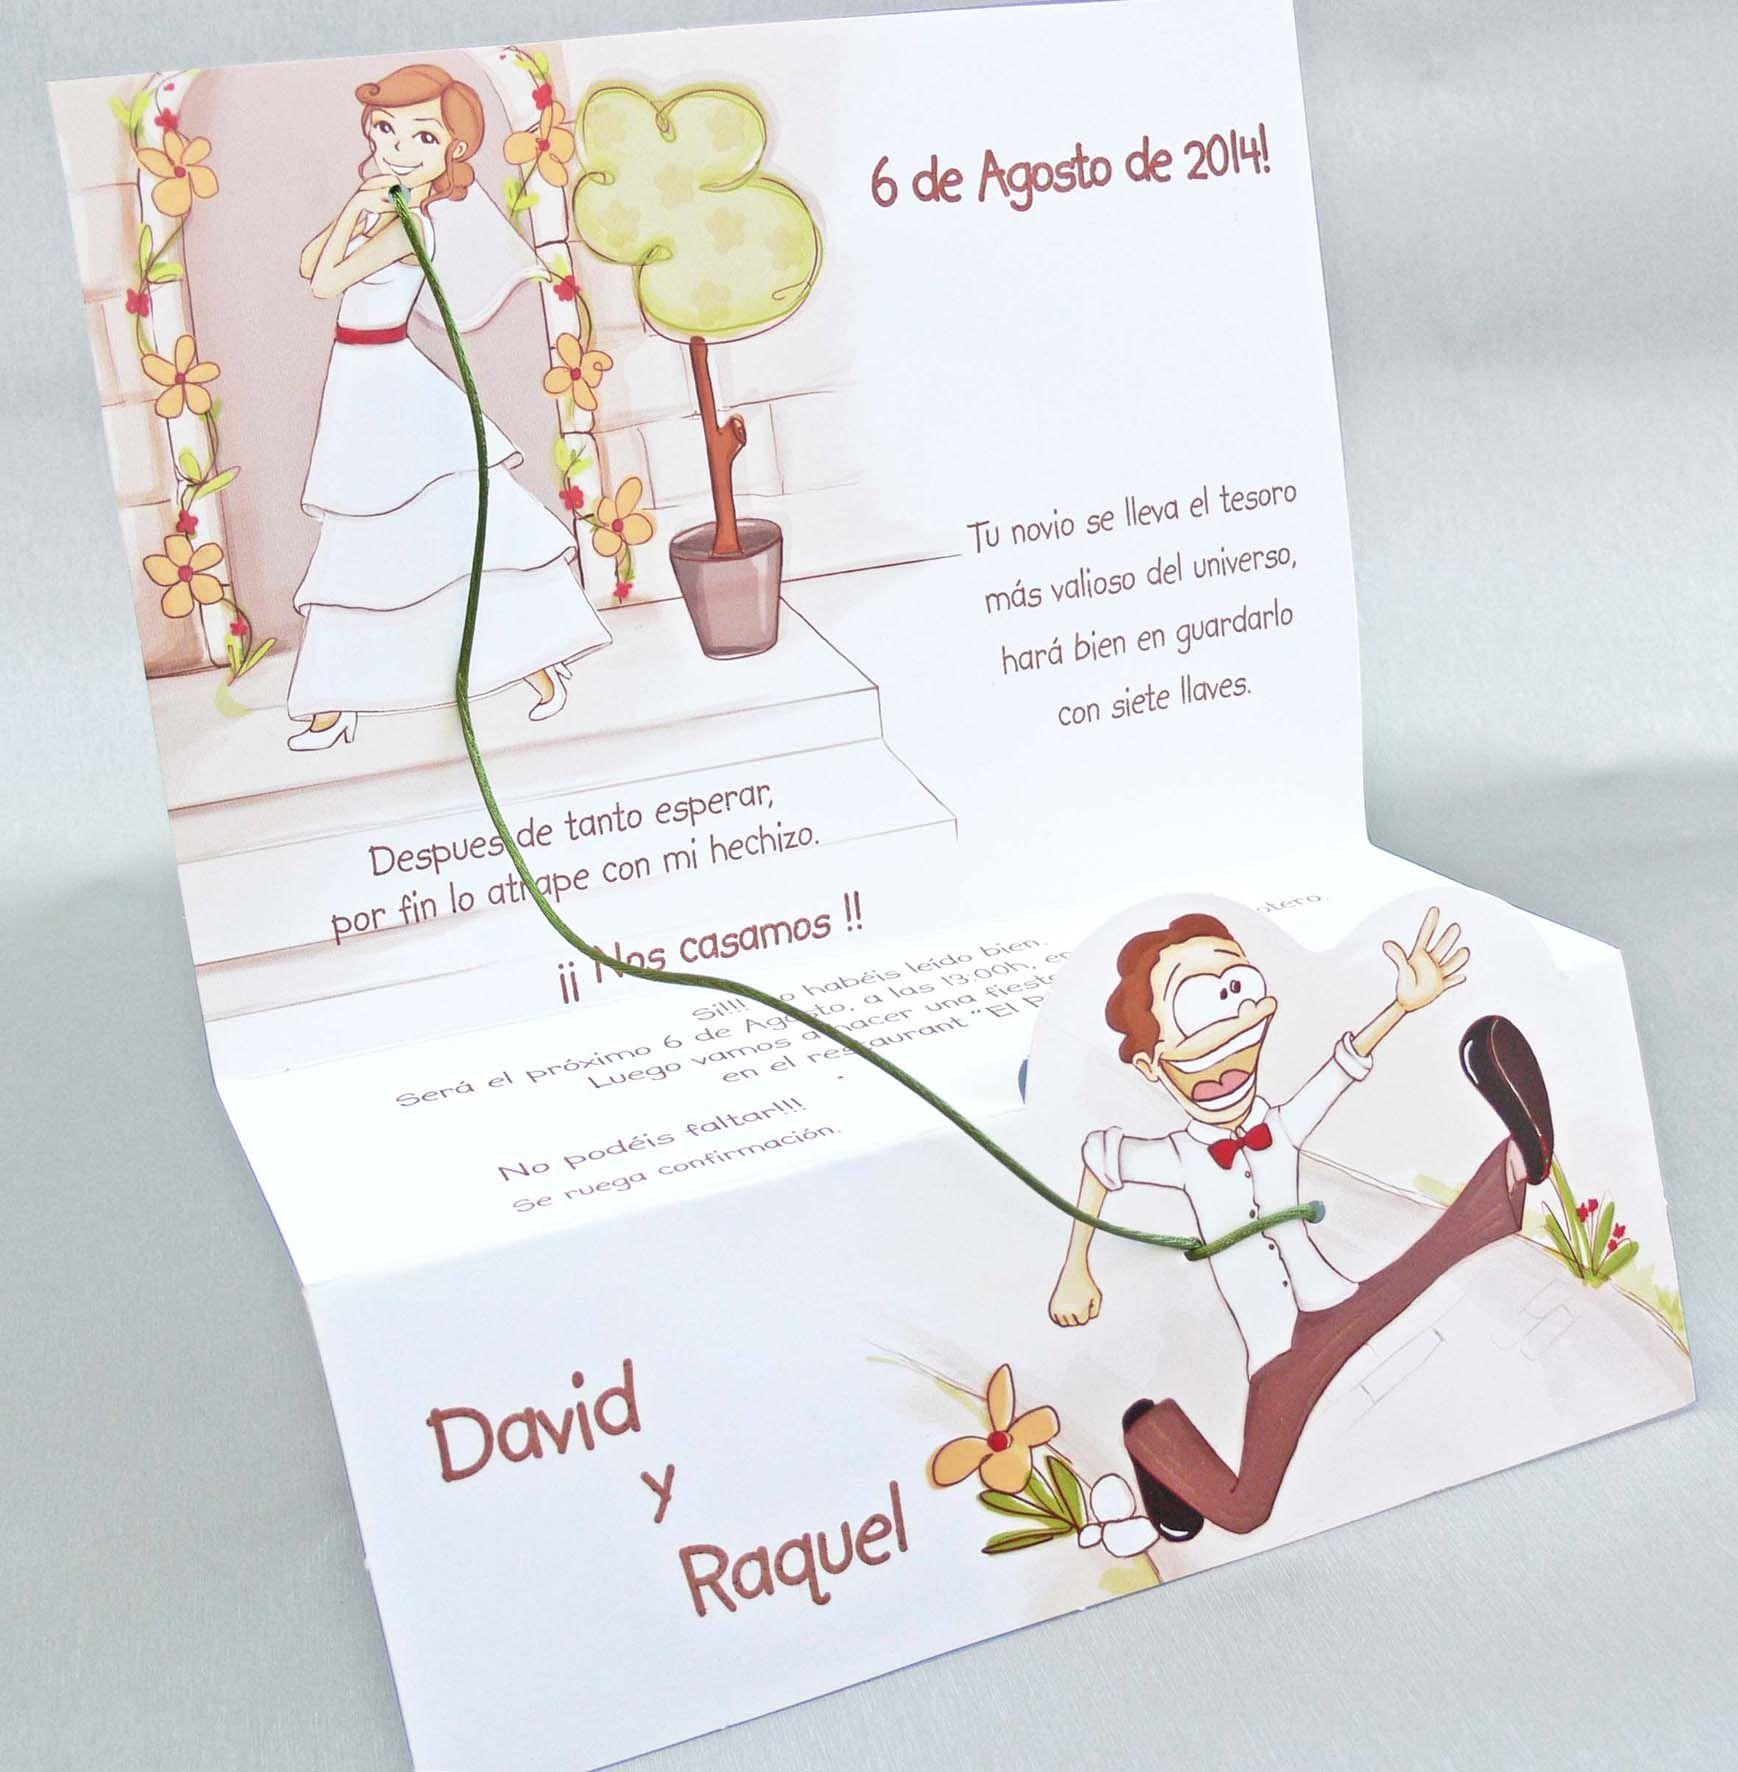 Imagenes De Invitaciones De Boda Wallpaper Hd Para Bajar